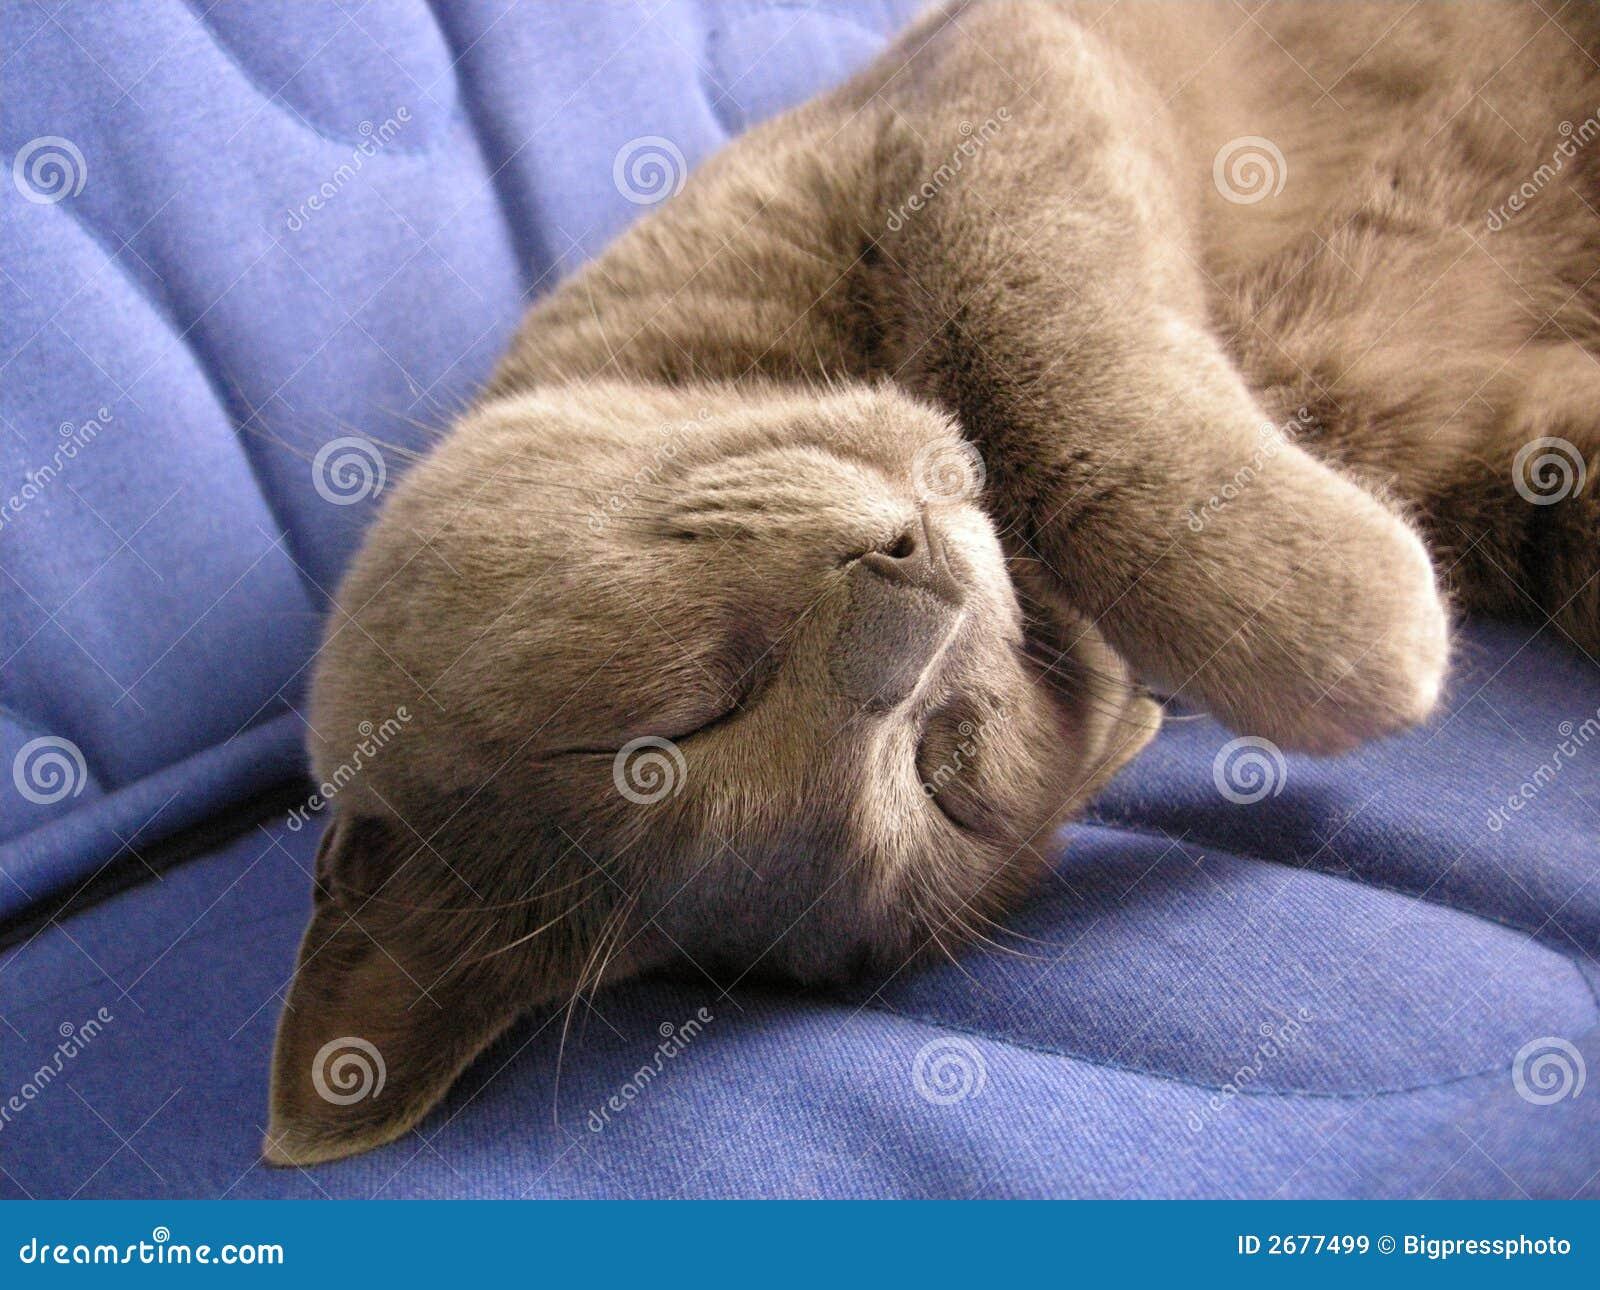 Amazing cat sleep